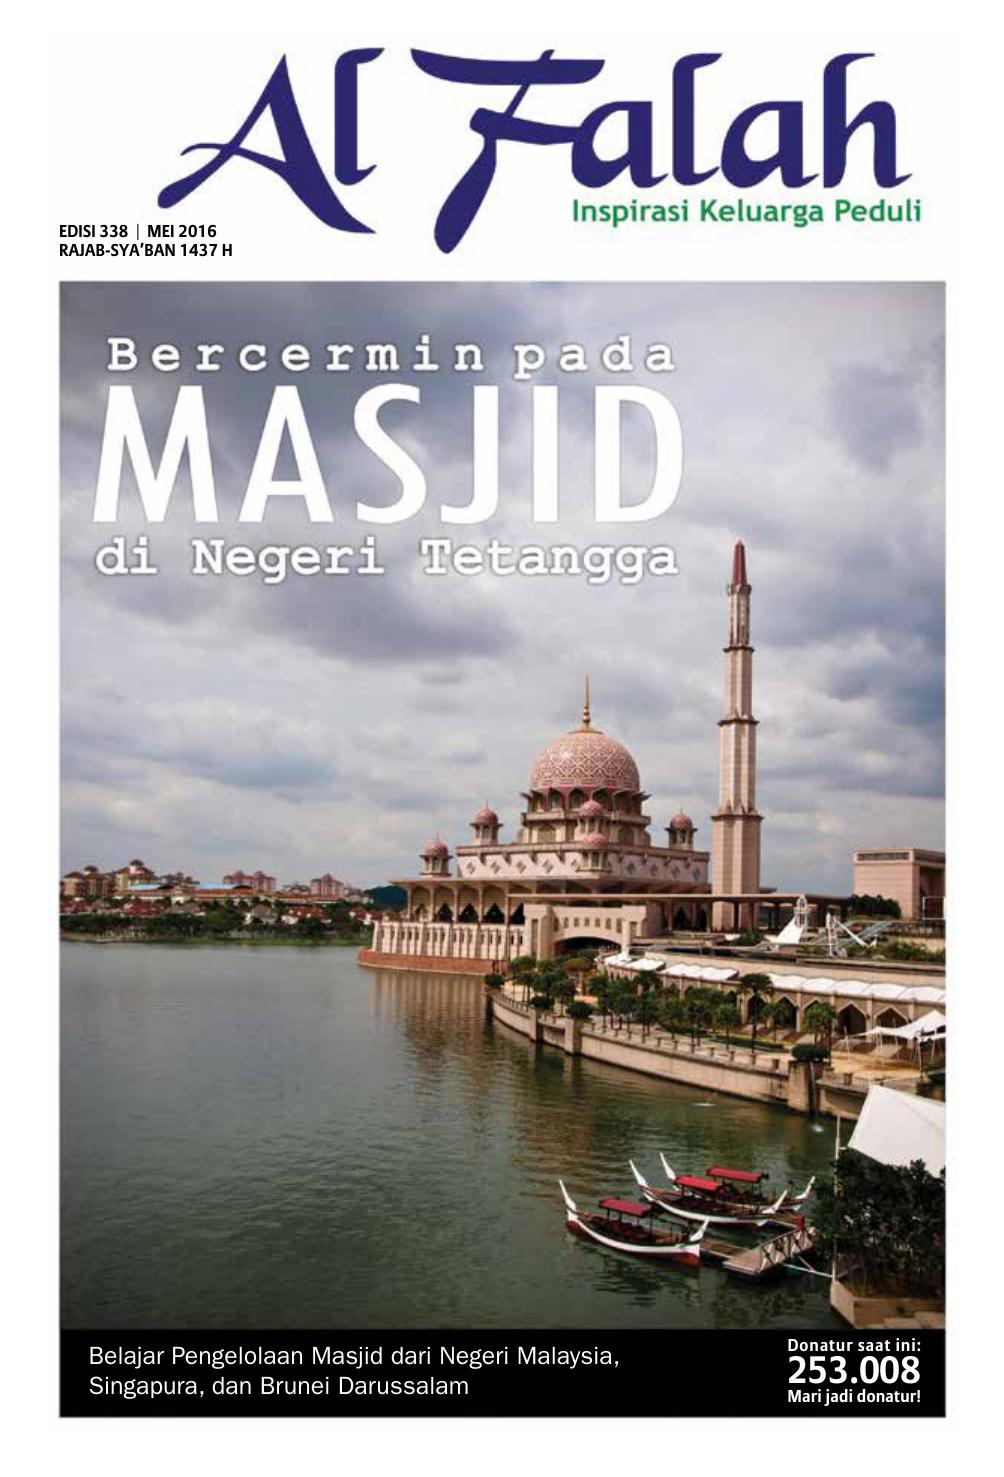 Belajar Pengelolaan Masjid dari Negeri Malaysia, Singapura, dan